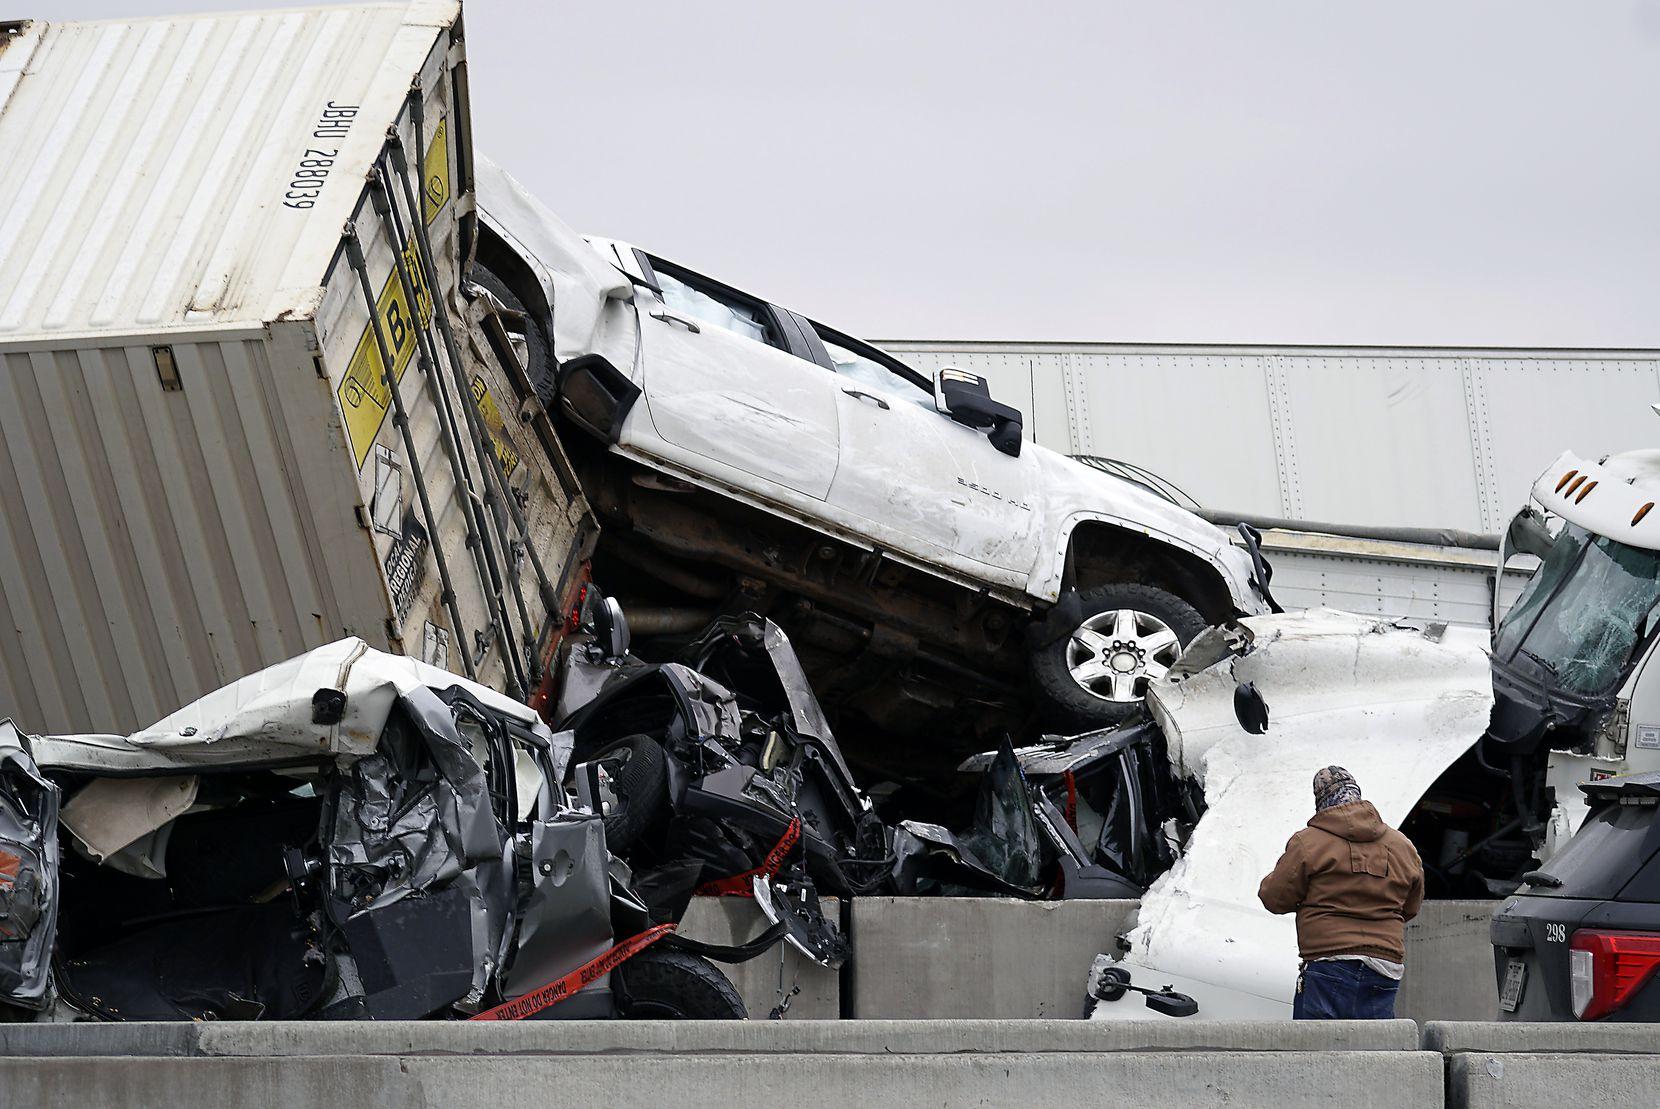 Decenas de vehículos colisionaron en la I-35W debido a las condicioens de hielo en la carretera.